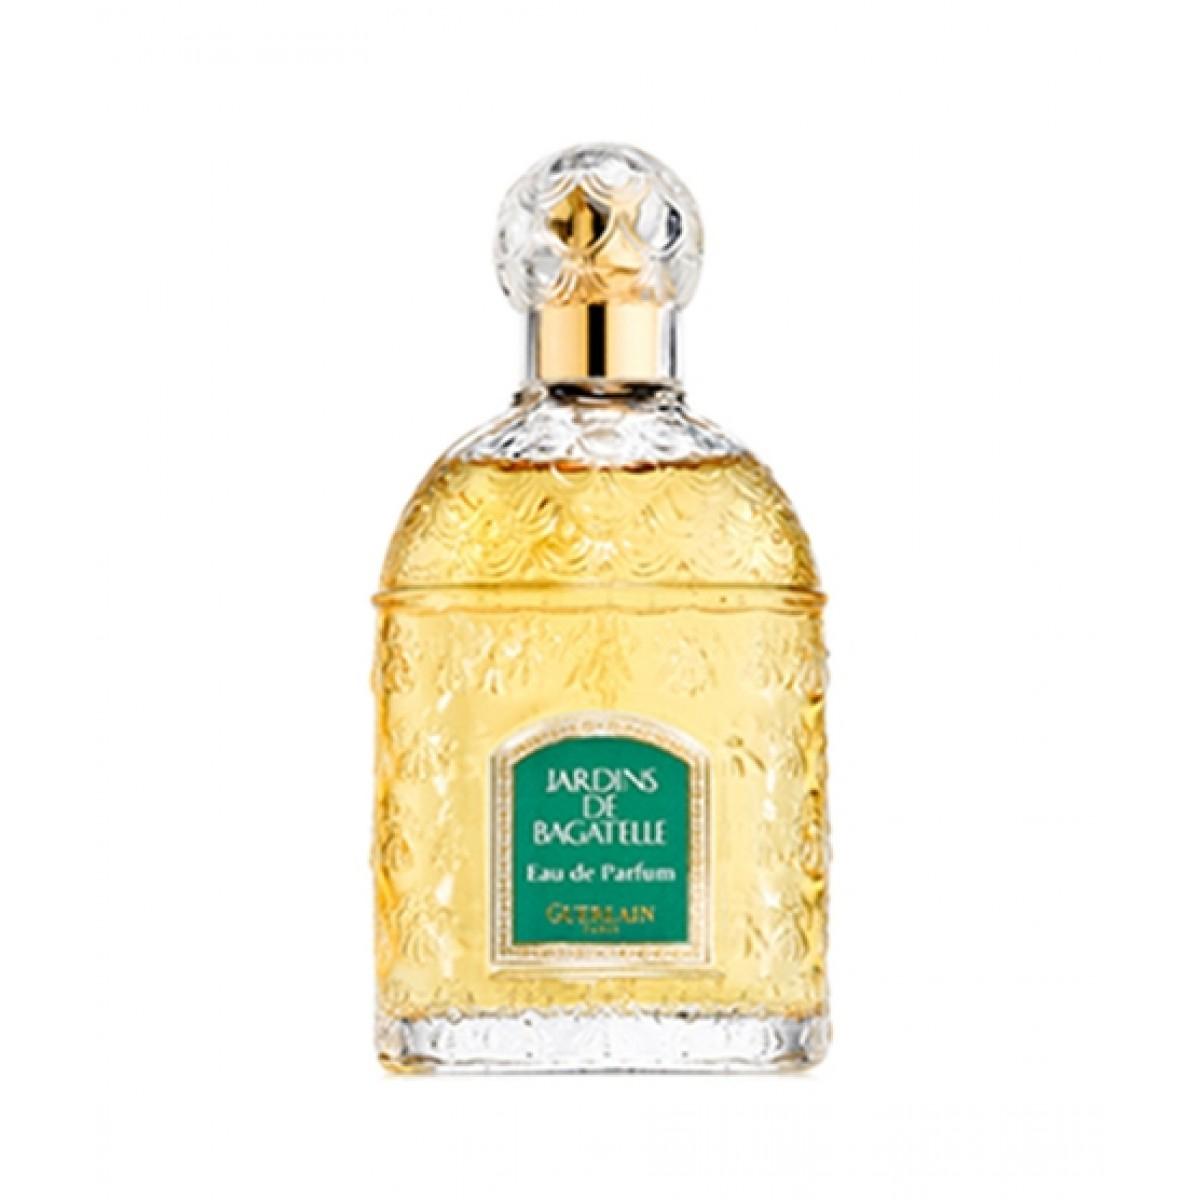 Guerlain Jardins De Bagatelle Edp Perfume For Women 100Ml concernant Jardin De Bagatelle Guerlain